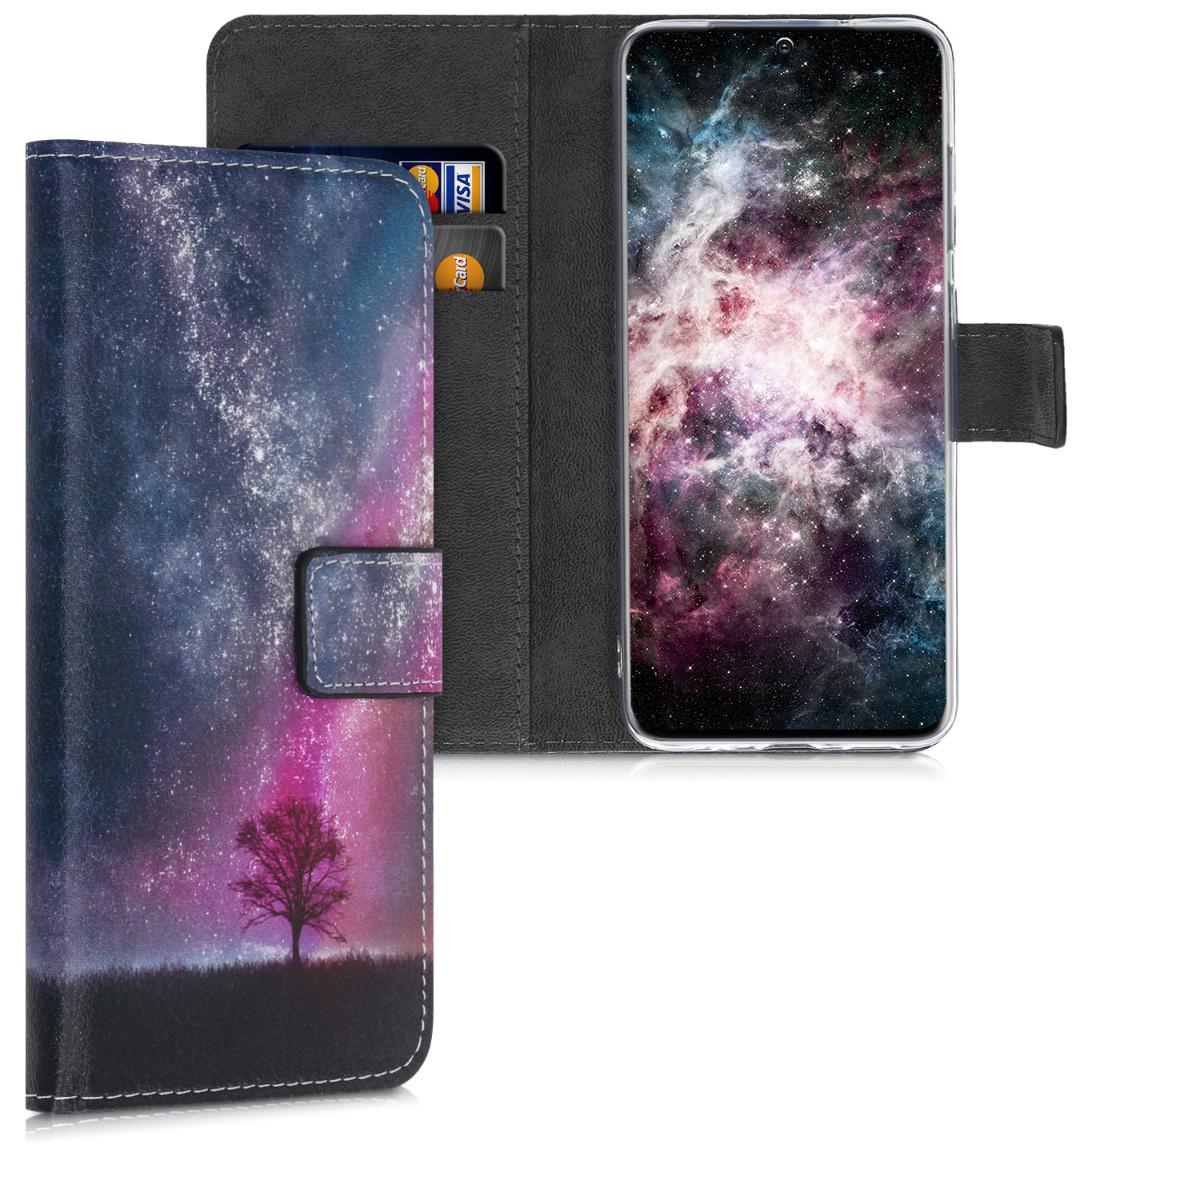 Peněženka pouzdro / obal pro Samsung S20 s motivem vesmíru a přírody